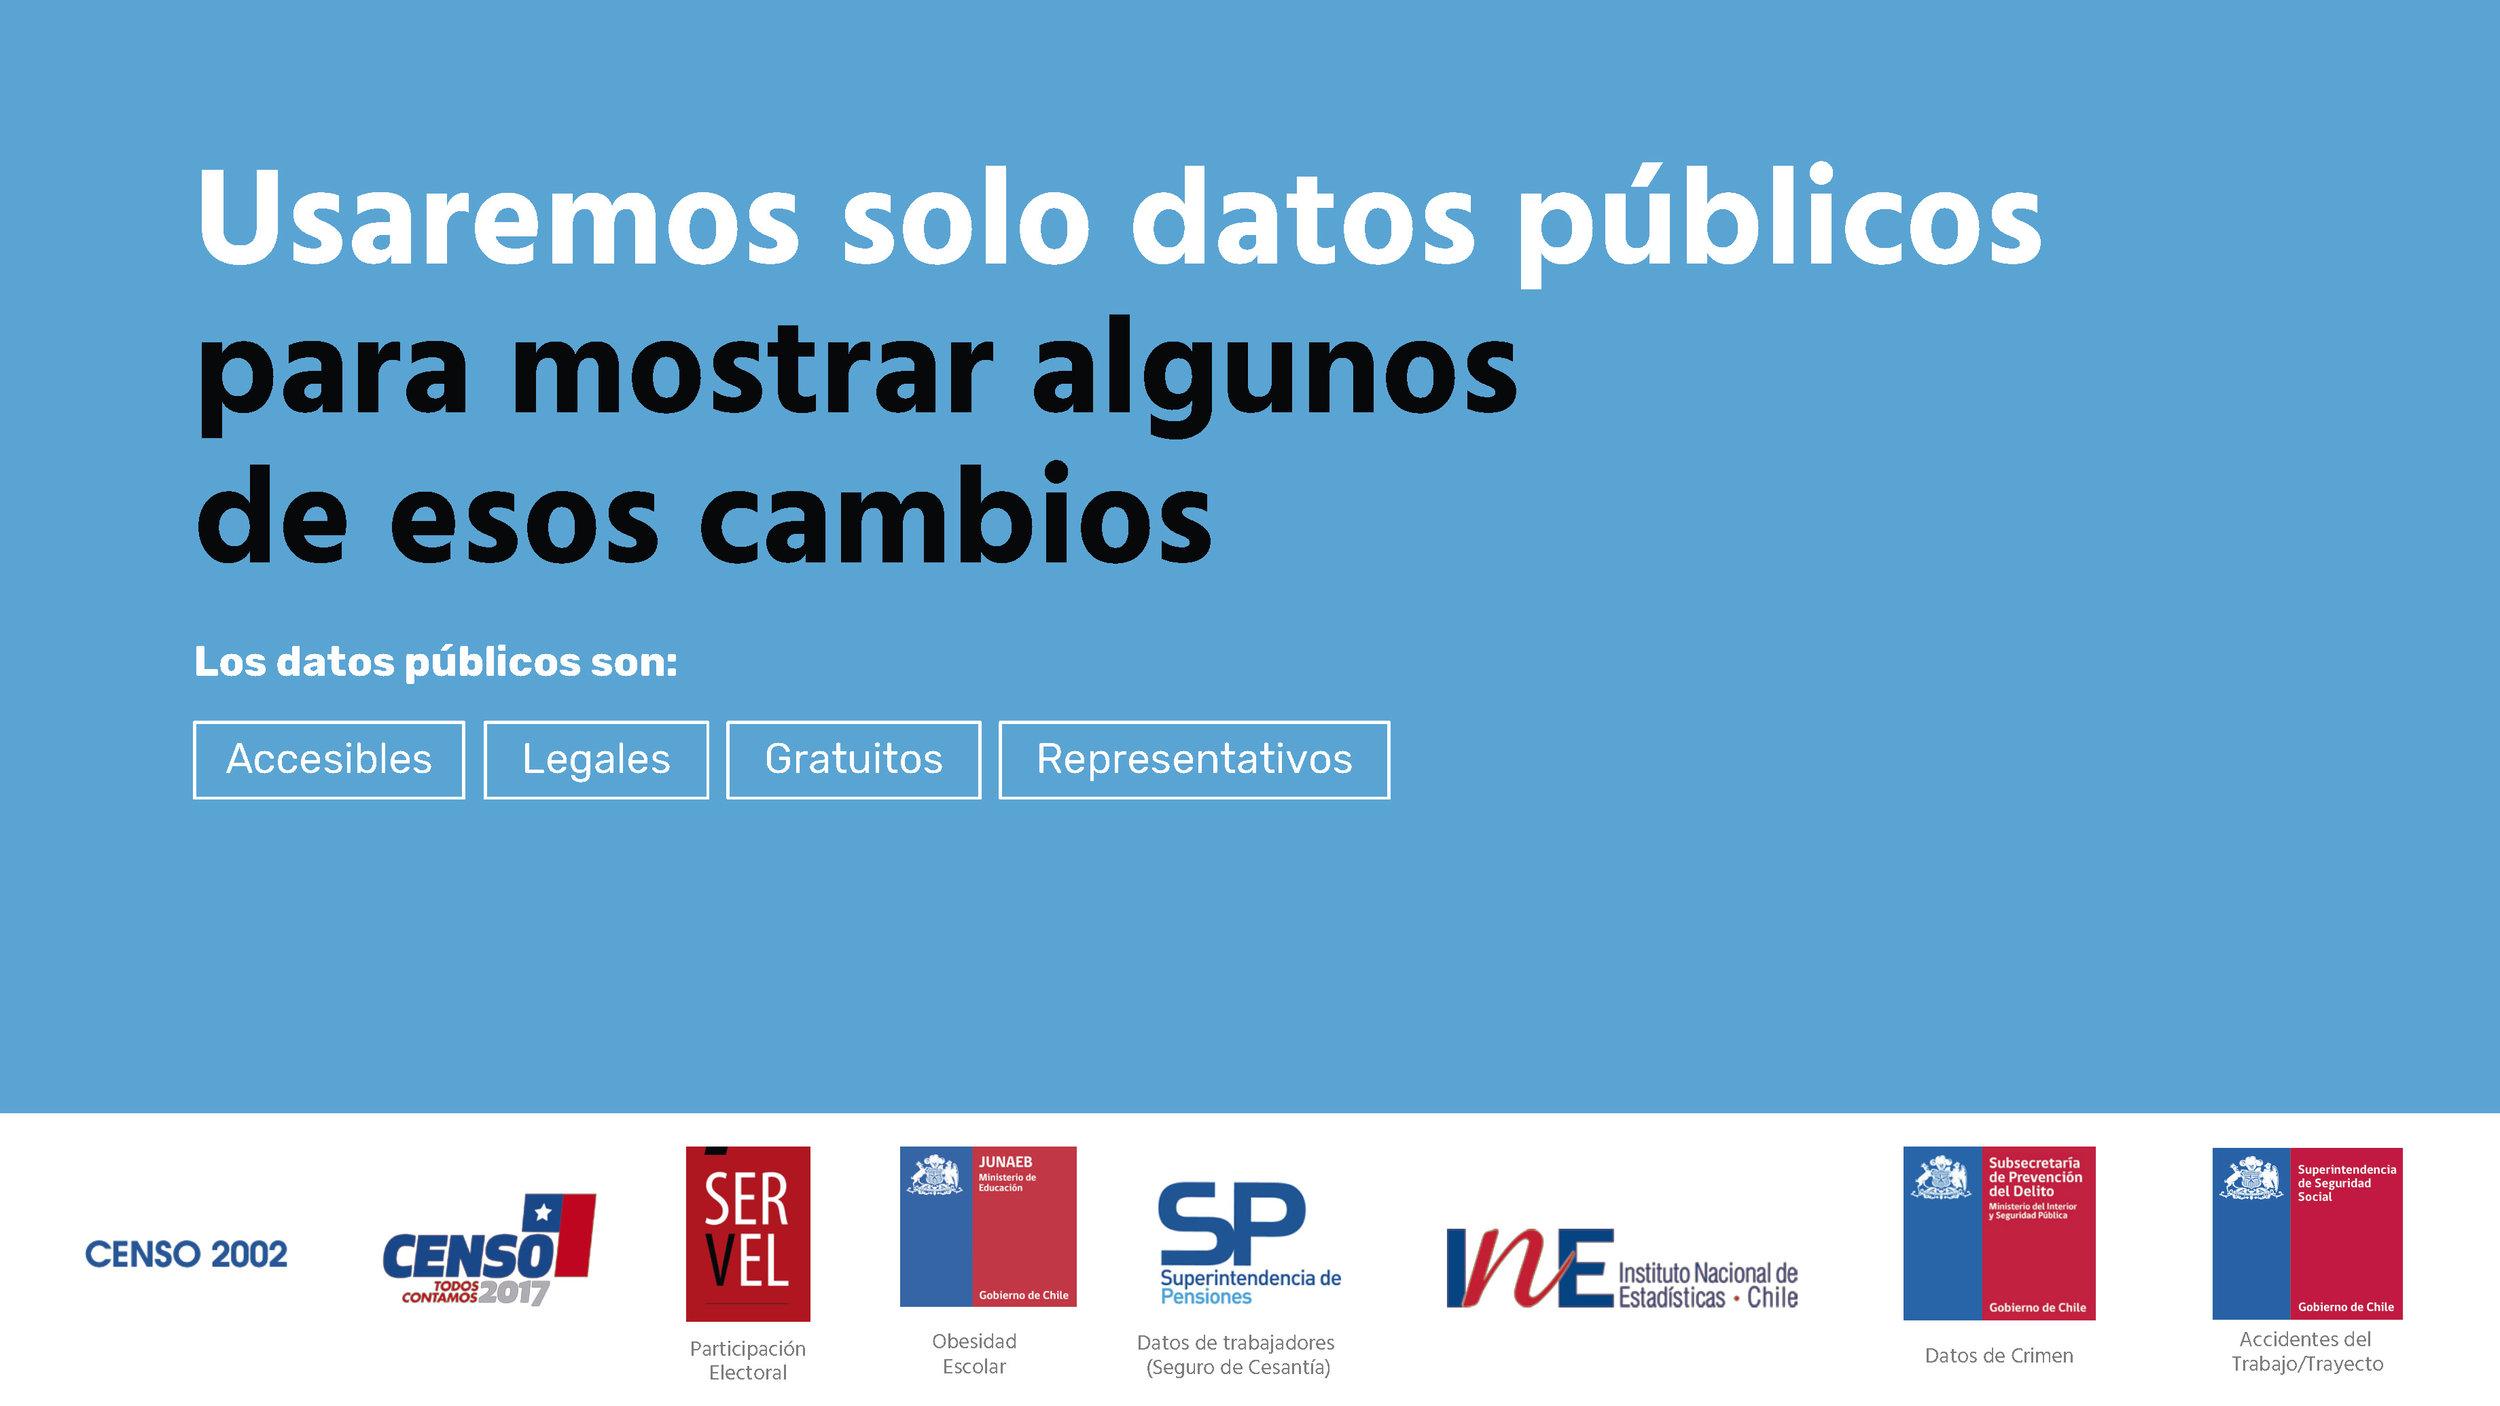 Chile_Datos de una transformacion social_Unholster_Página_06.jpg